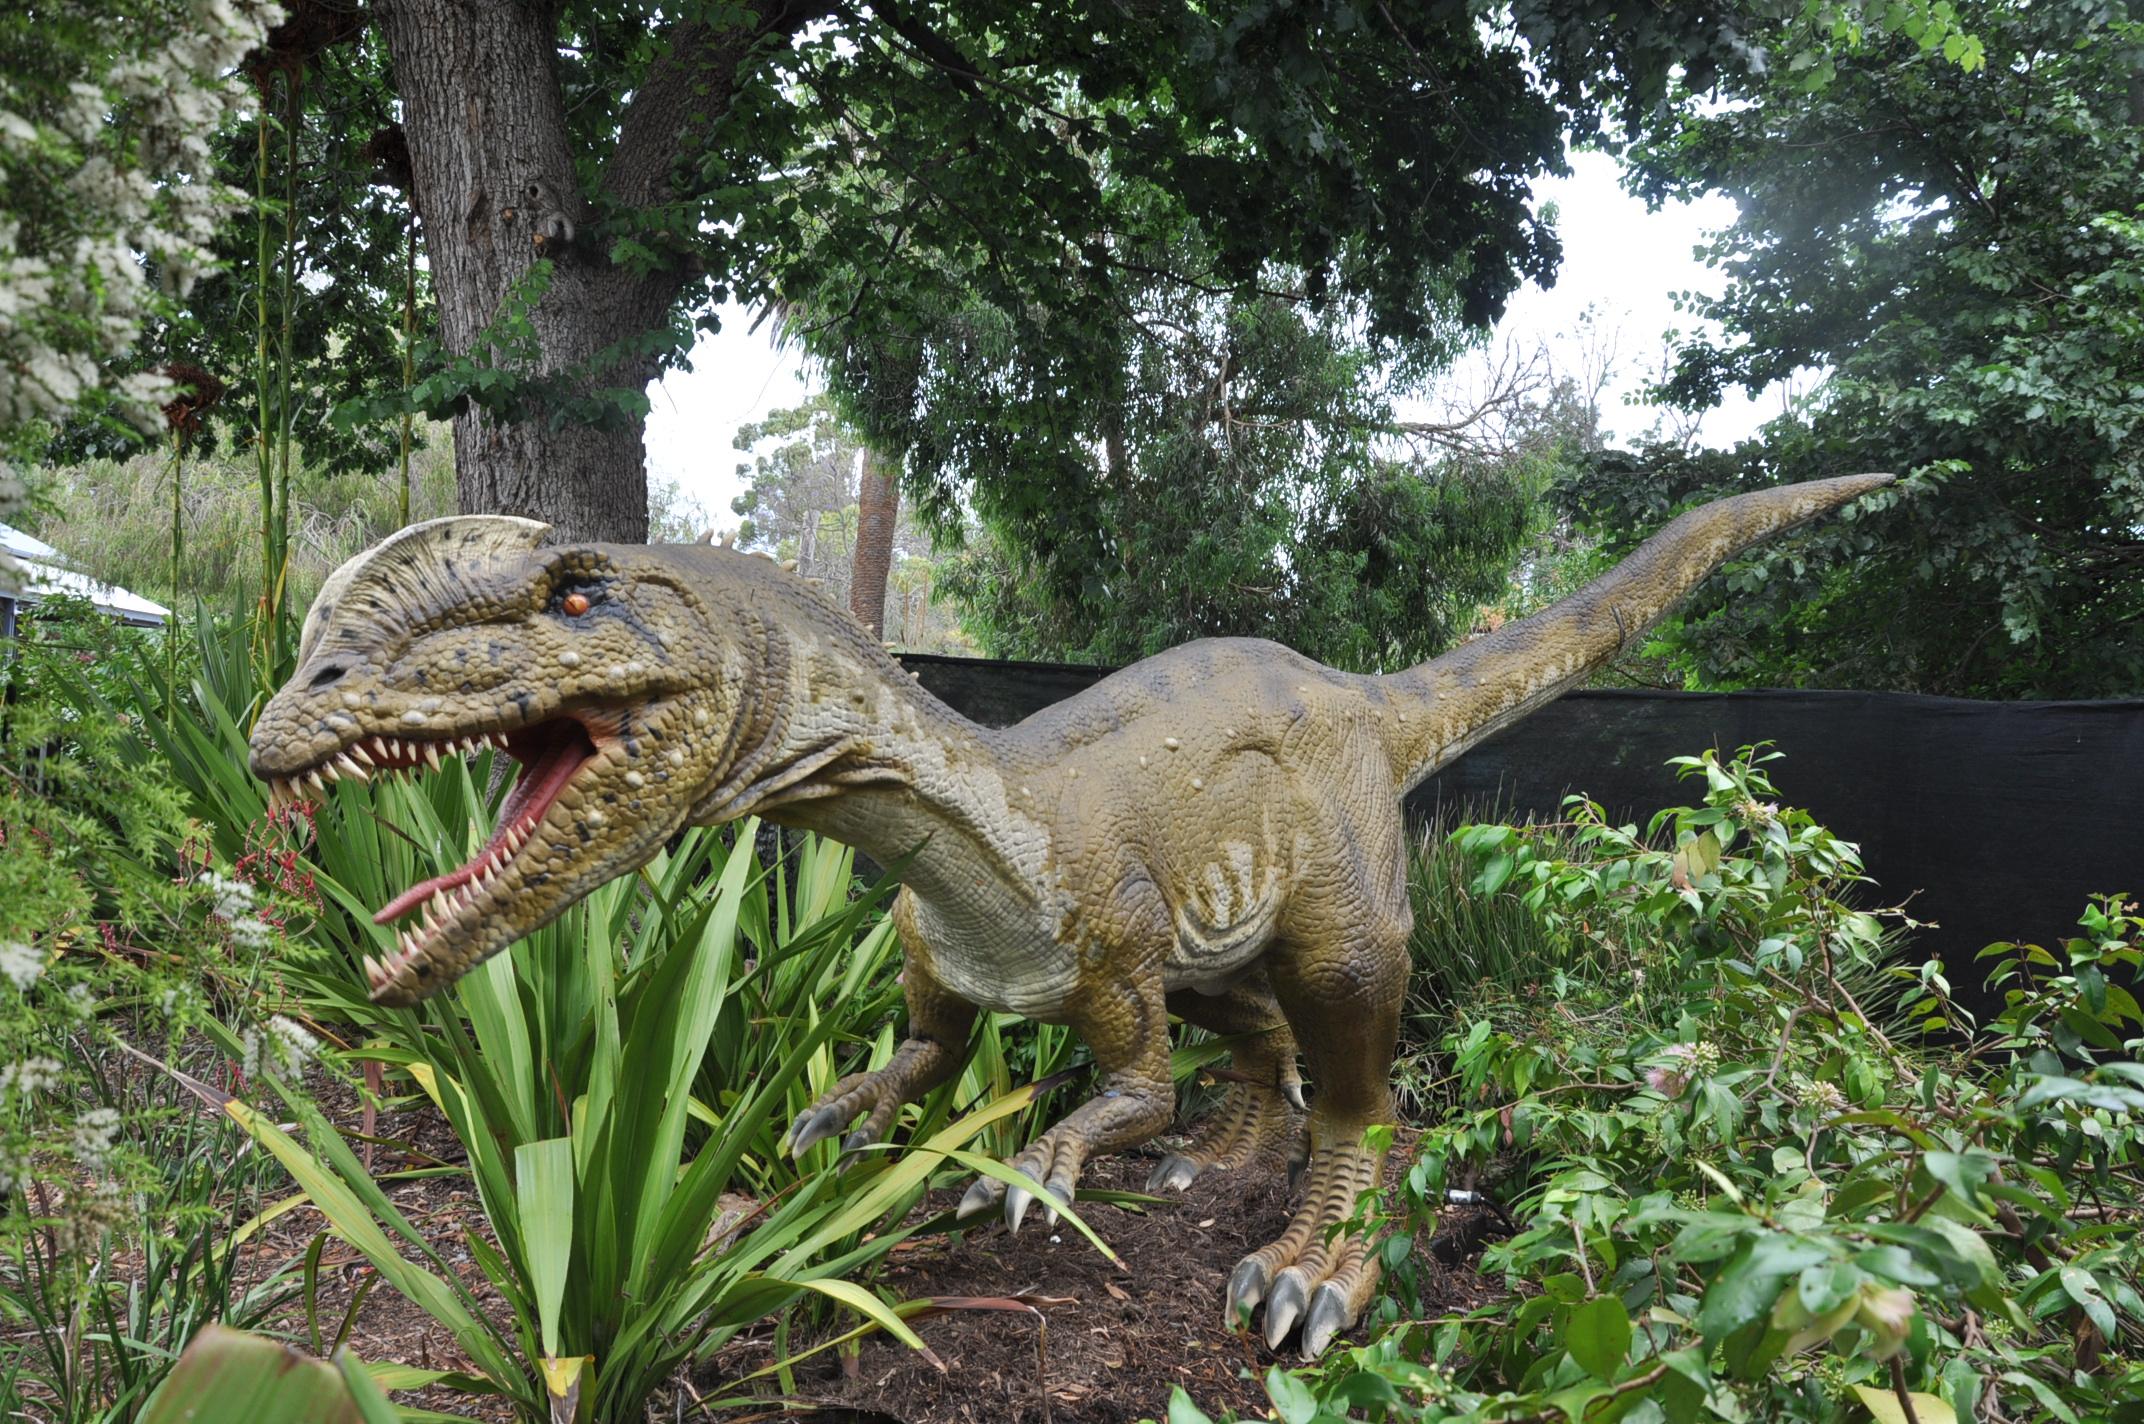 Dilophosaurus - Adelaide Zoo